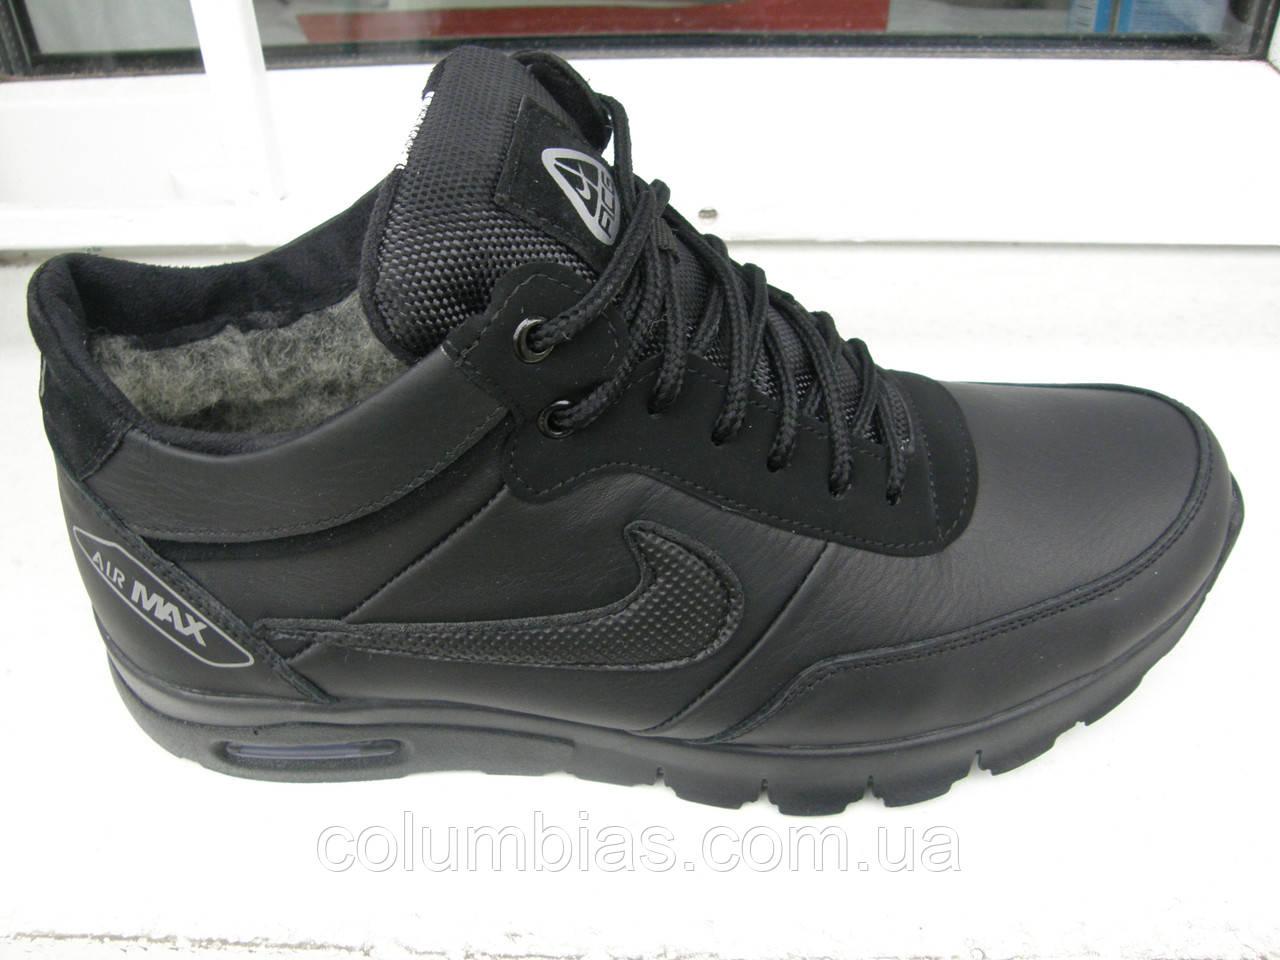 b44c5b38 Кроссовки на зиму Nike натуральная кожа - Весь ассортимент в наличии,  звоните в любое время